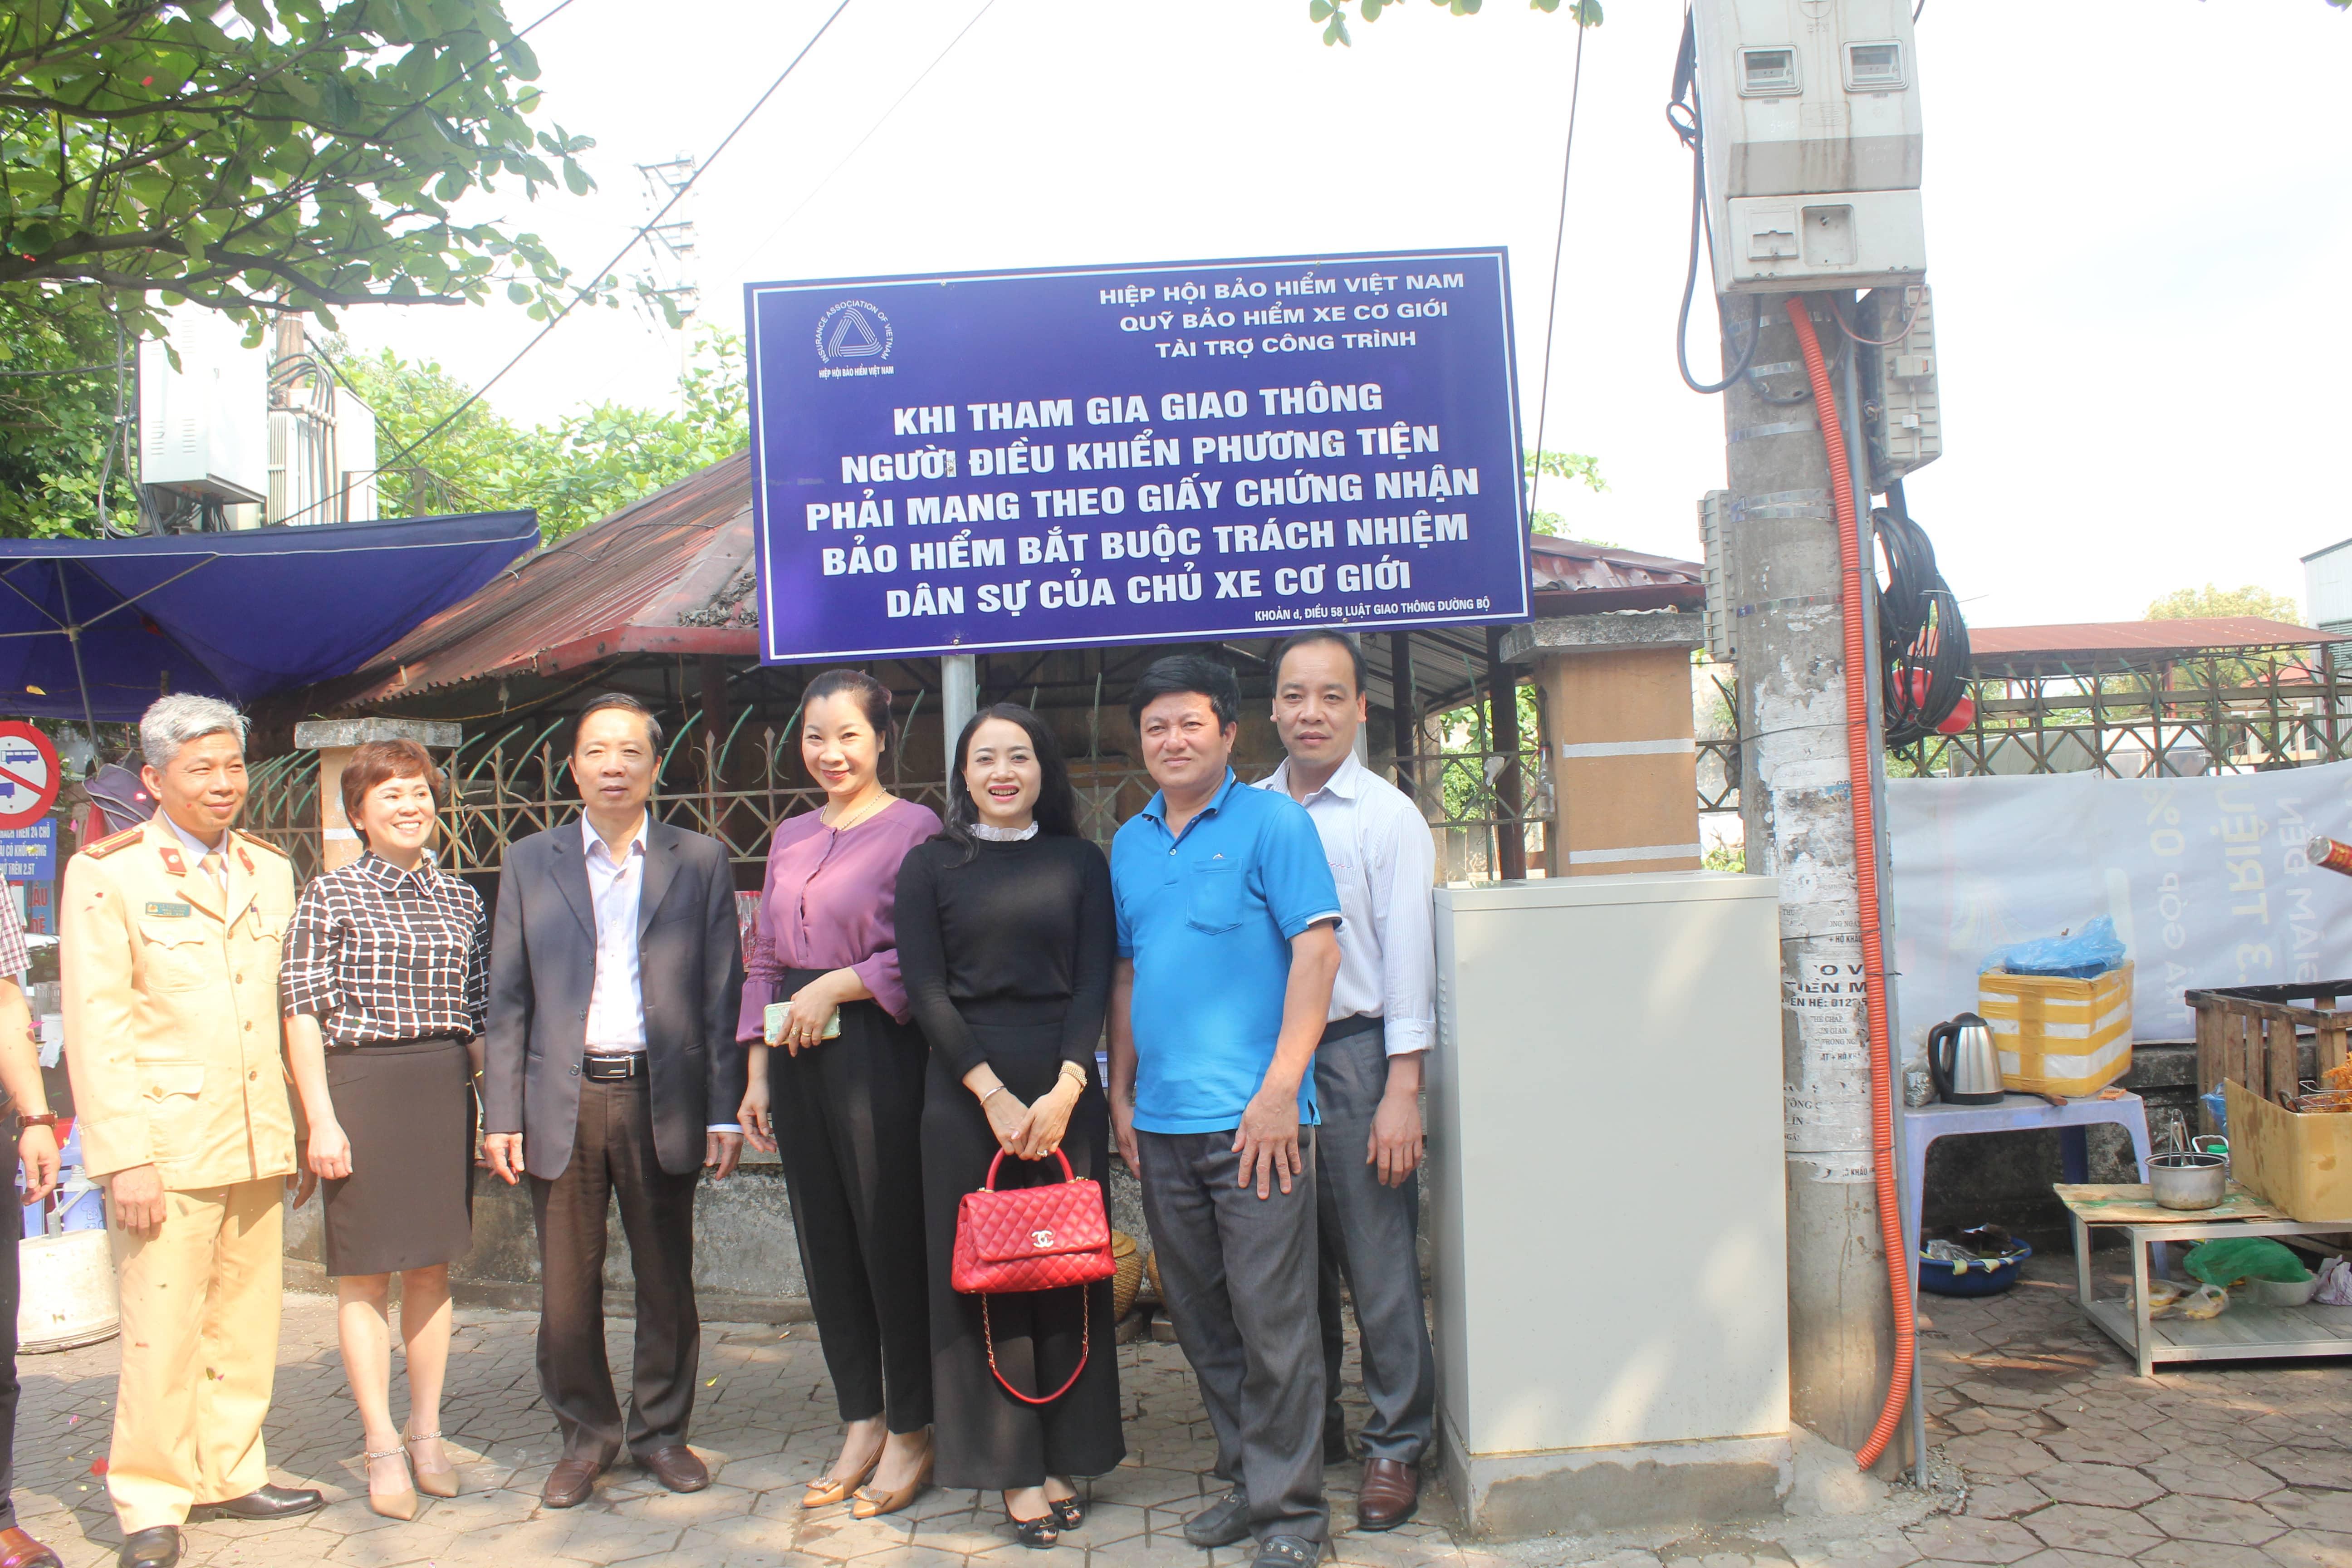 Quỹ bảo hiểm xe cơ giới đóng góp tài trợ công trình đề phòng hạn chế tổn thất giao thông tại TP. Lào Cai